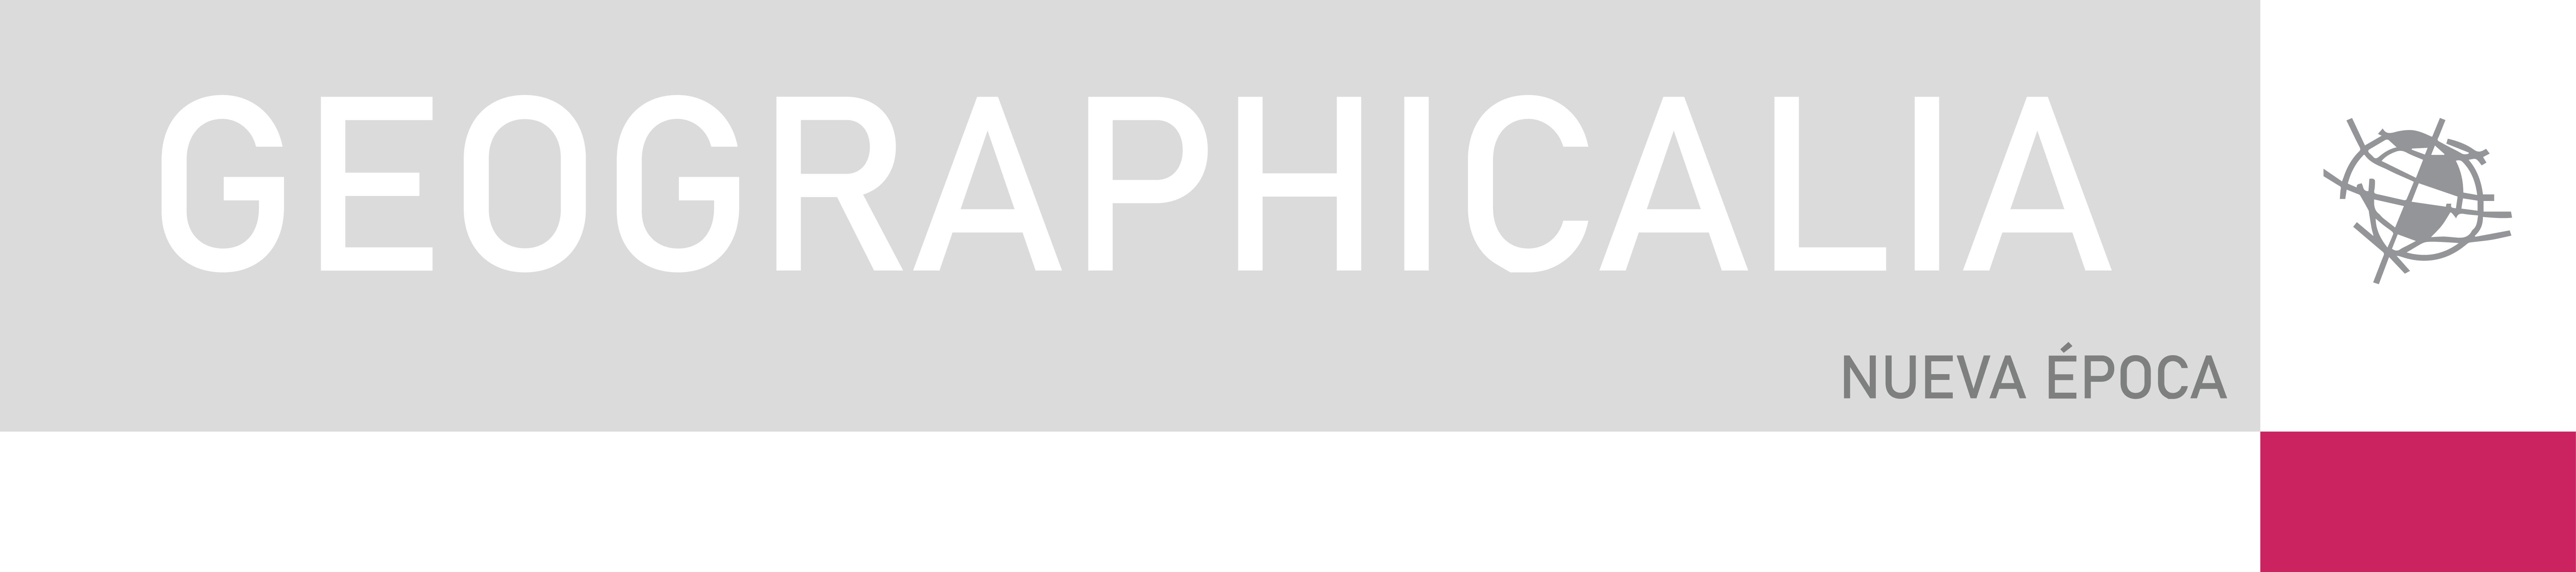 Geographicalia: Revista científica de geografía, cartografía y ciencias afines. Departamento de Geografía y Ordenación del Territorio. Universidad de Zaragoza